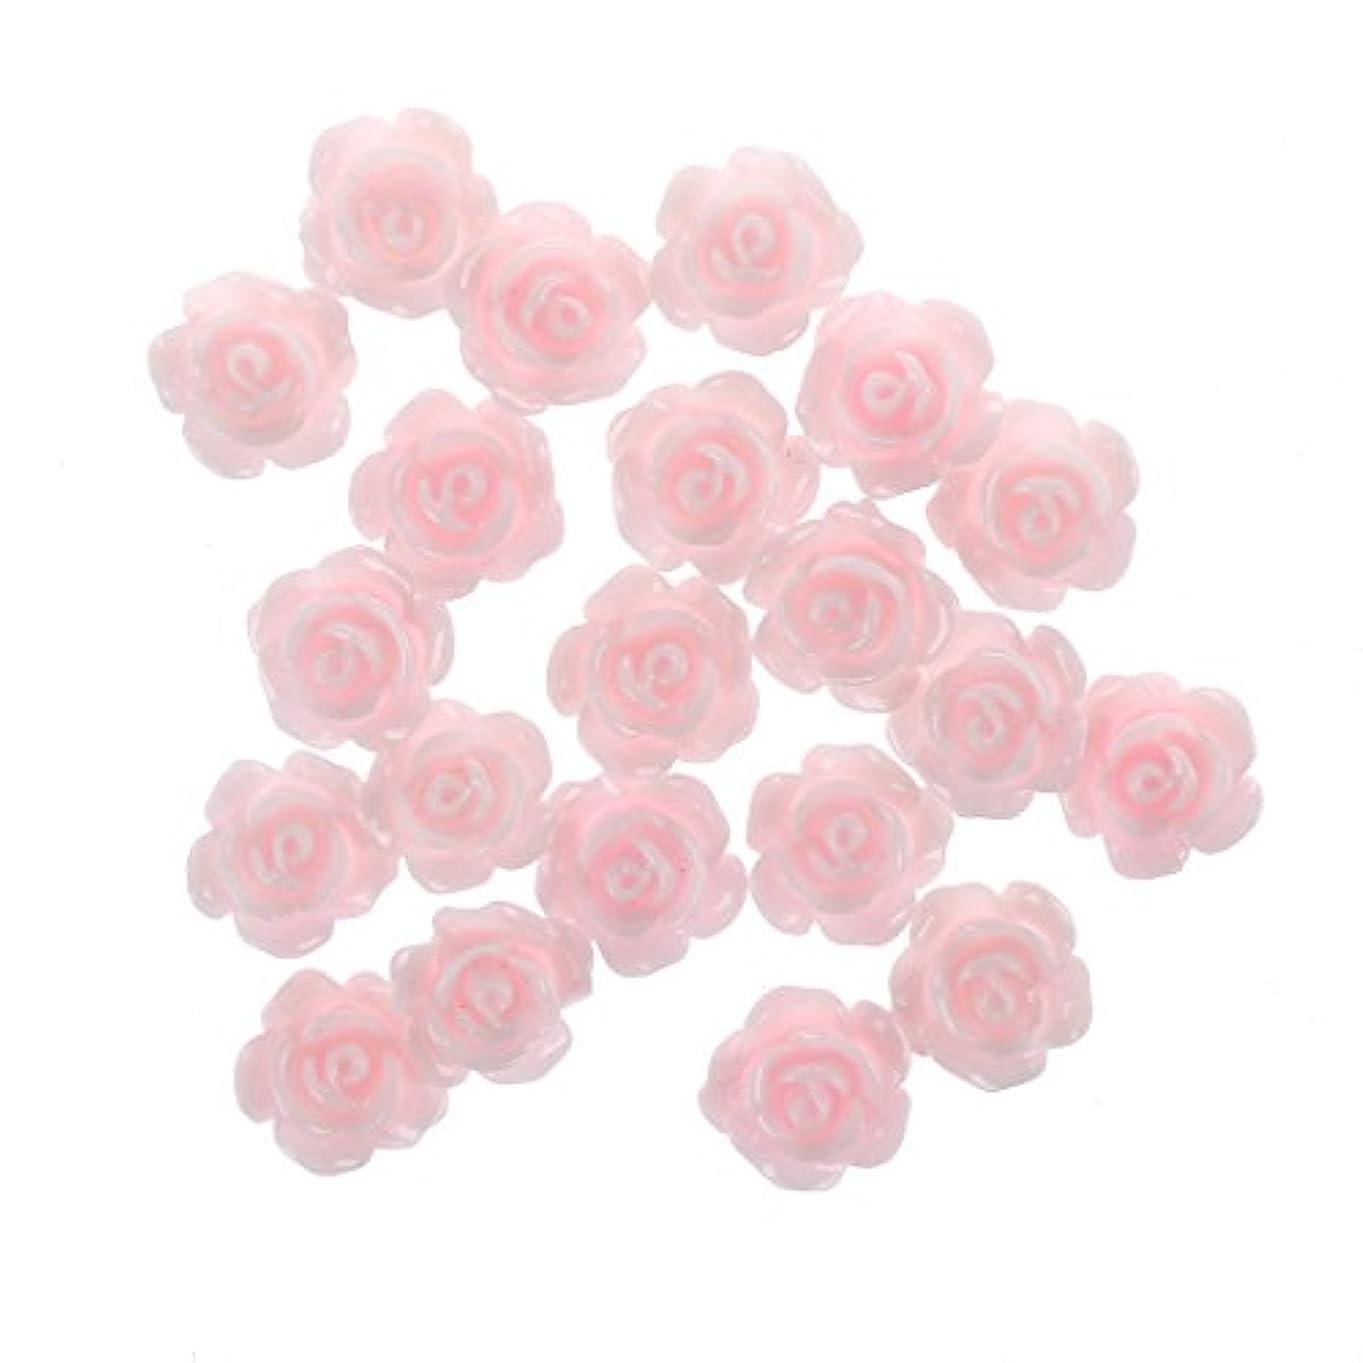 ビルダー元気なアプトNrpfell 20x3Dピンクの小さいバラ ラインストーン付きネイルアート装飾